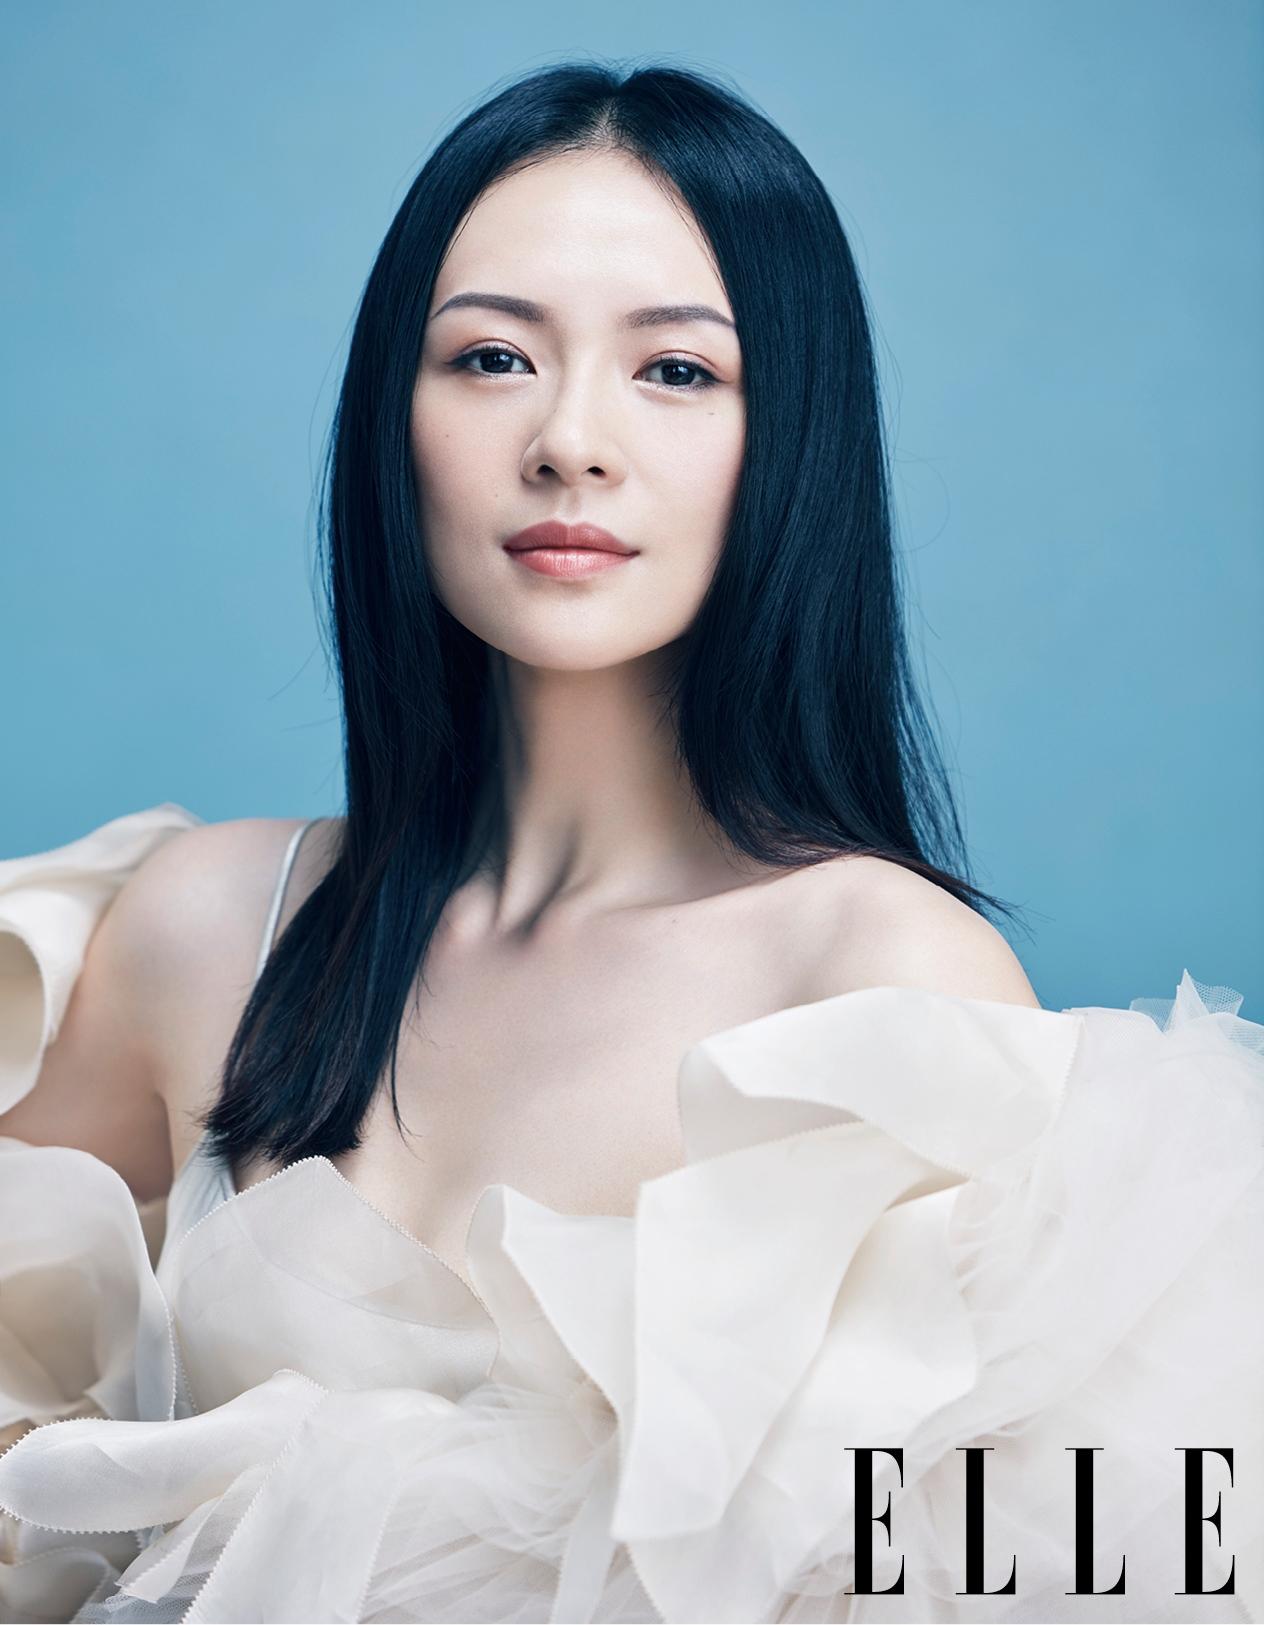 章子怡岁月流逝容颜不老 登上杂志30年周年刊